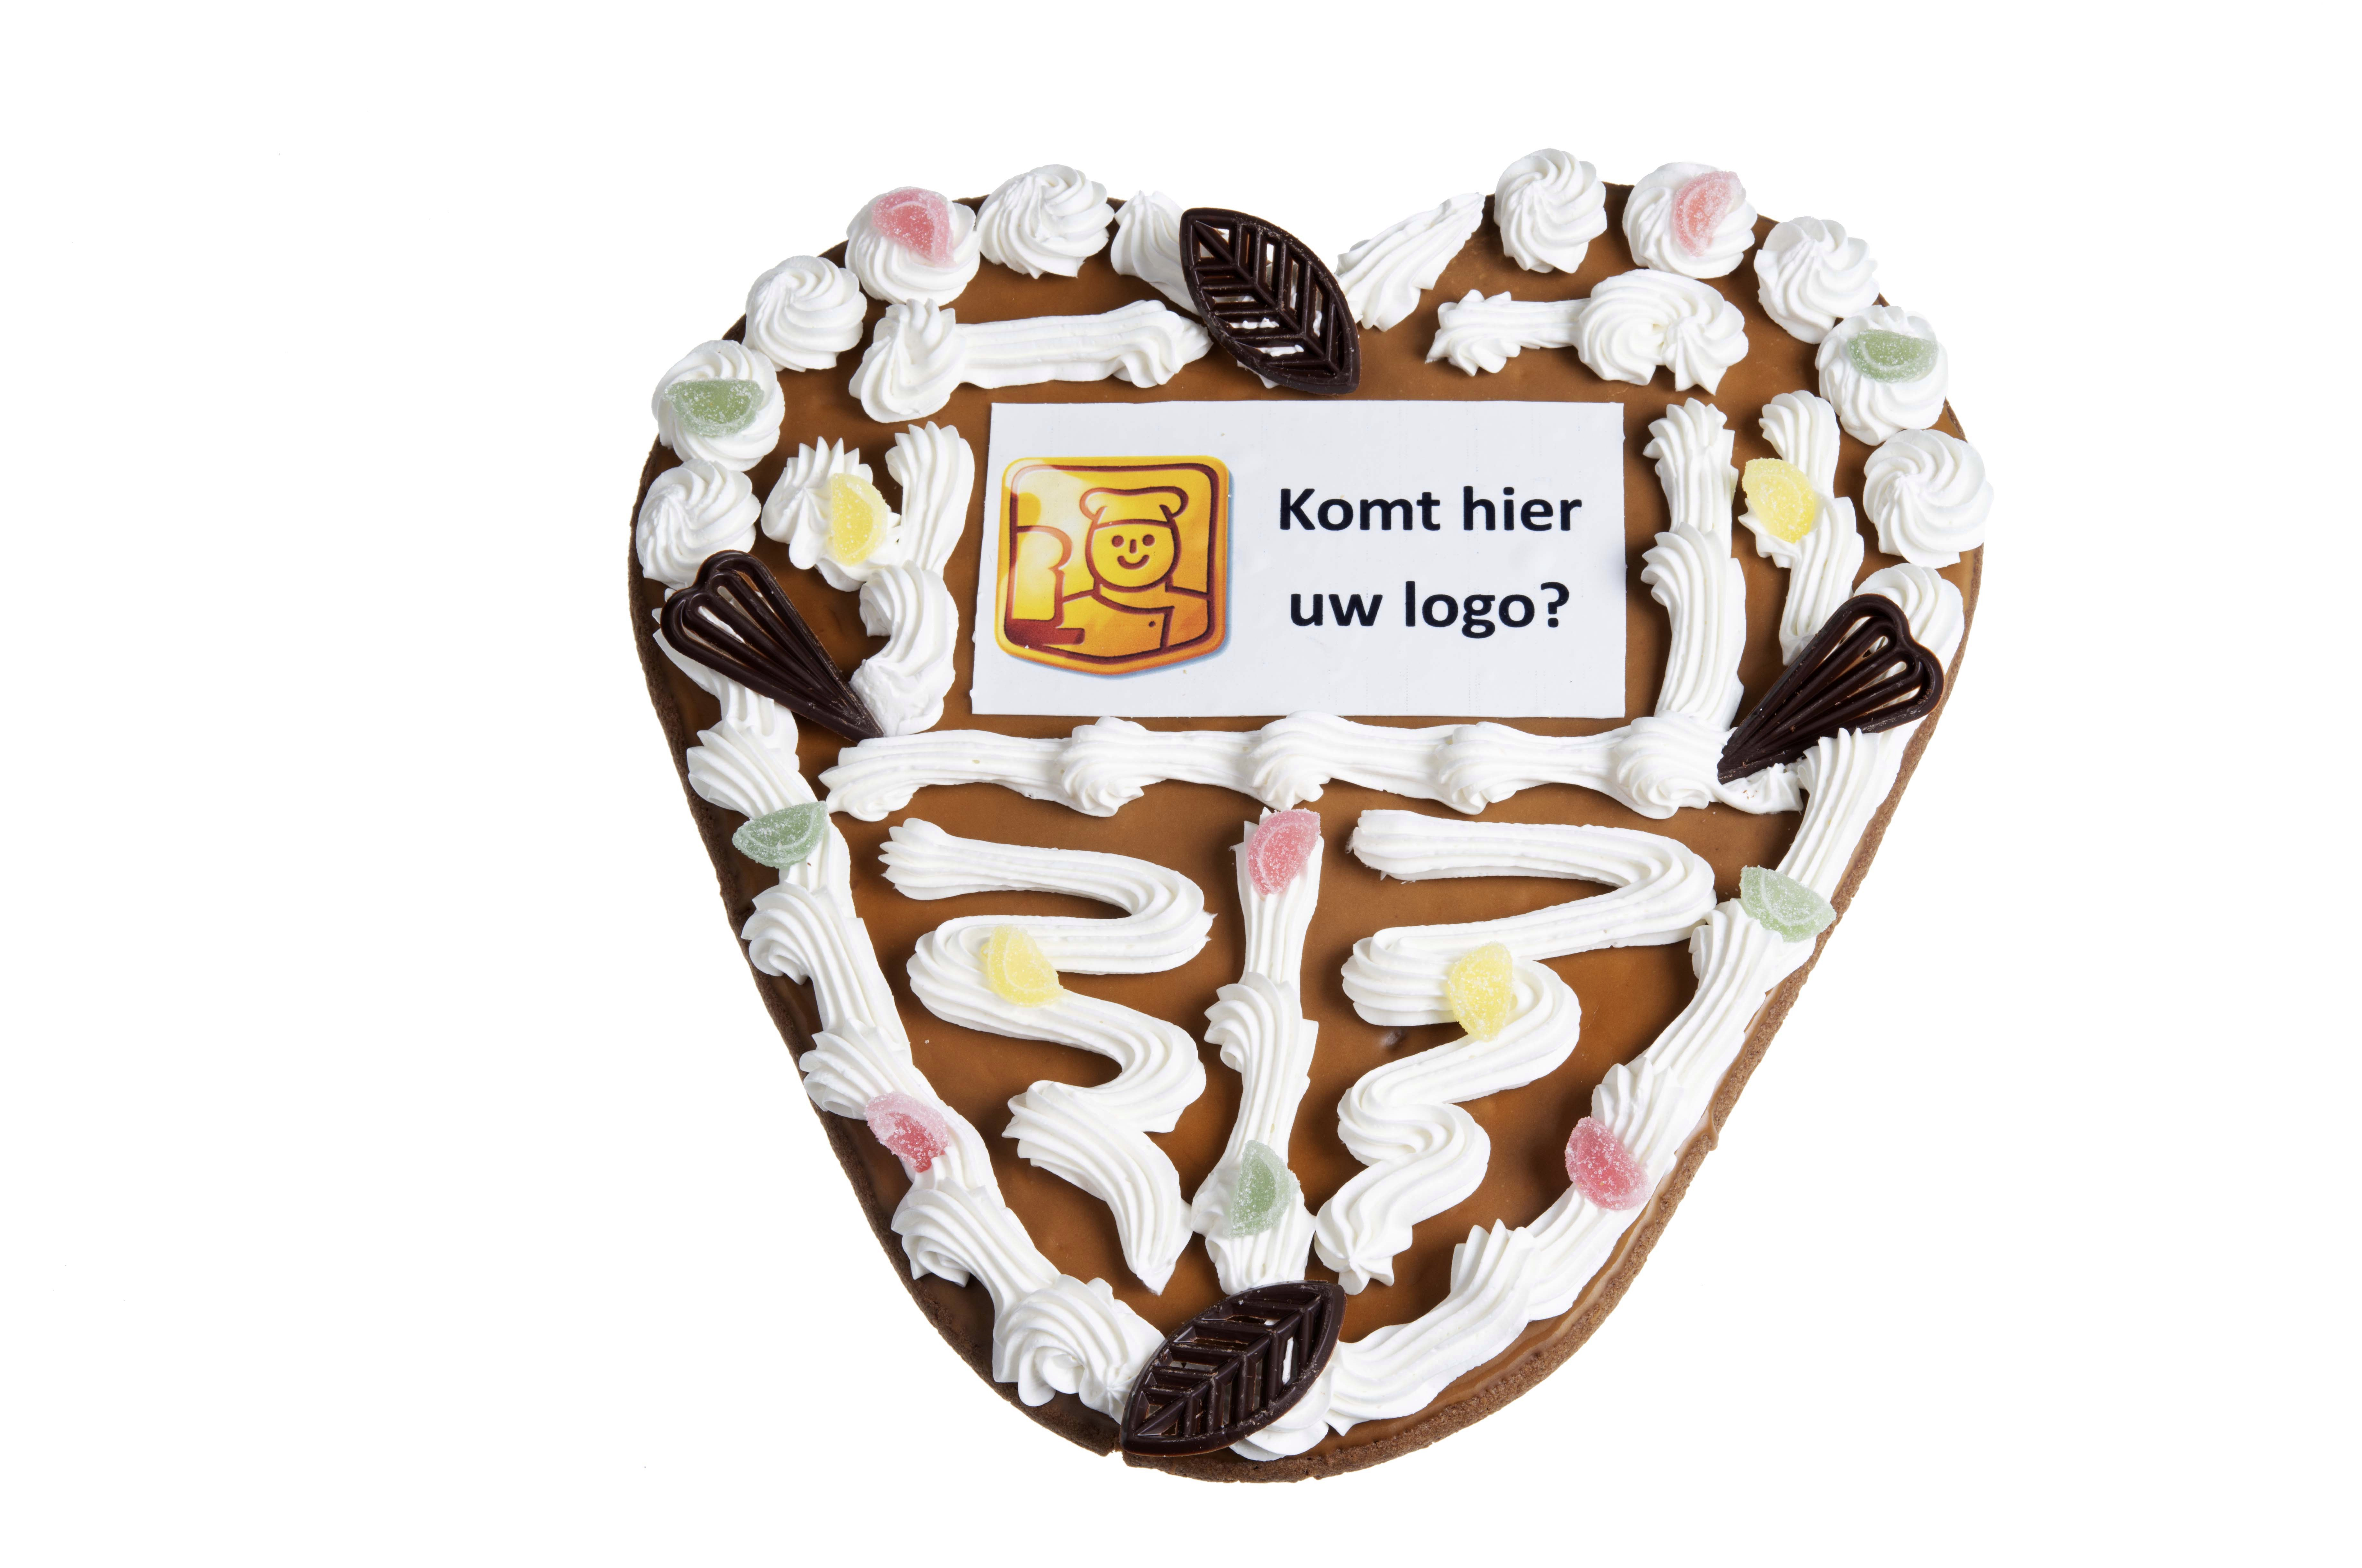 Speculaas Suikerhart met uw logo